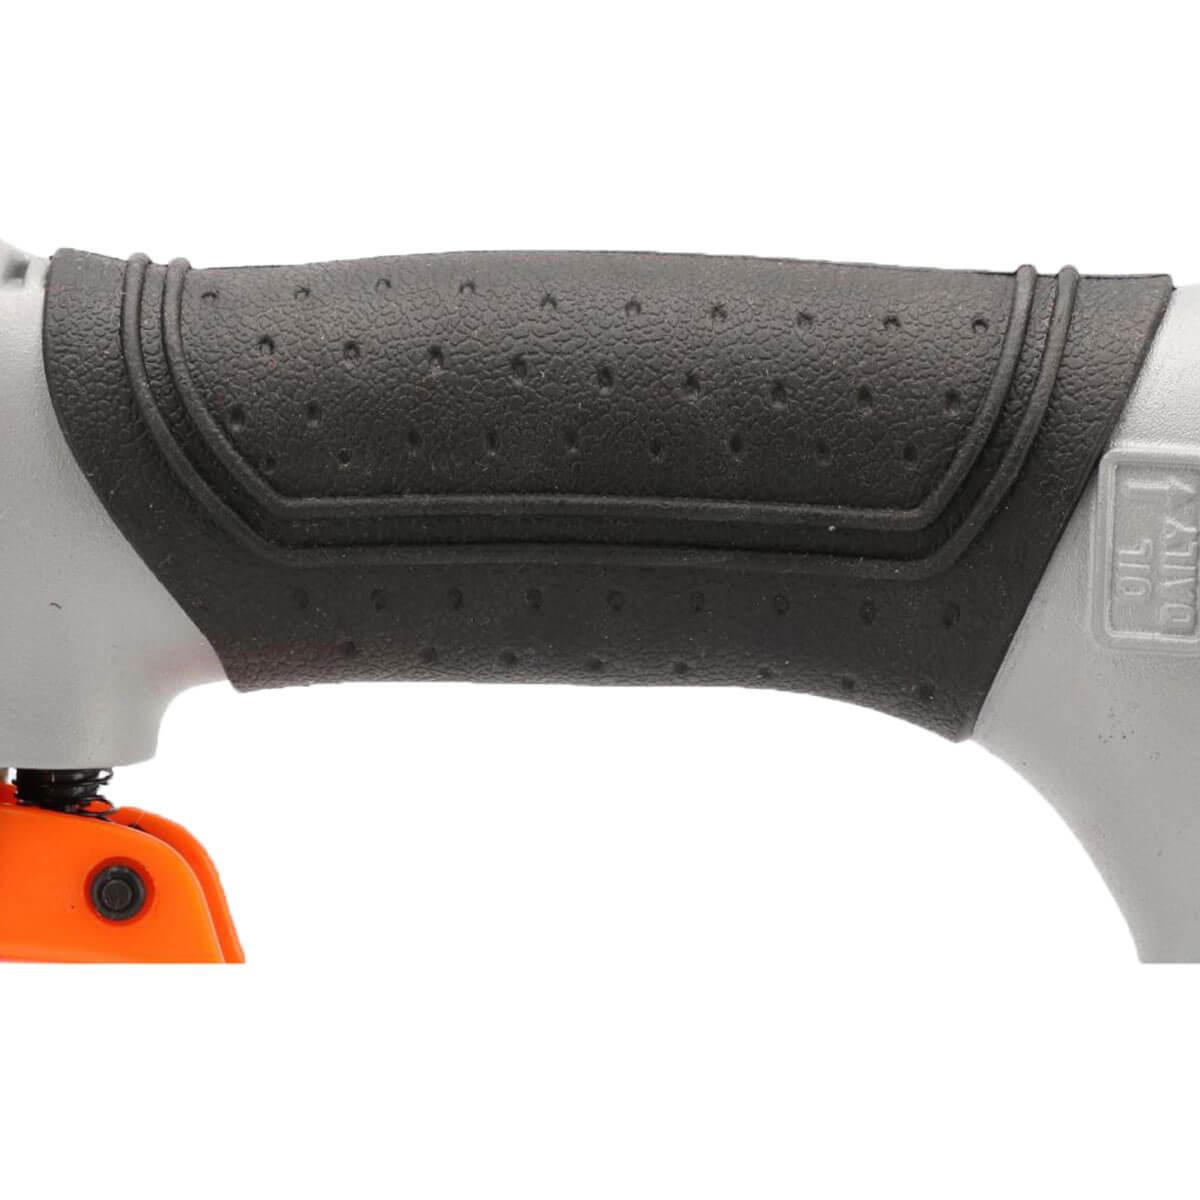 Pneumatische Spijkermachine minibrads t/m 50 mm minibrads inbegrepen rubberhandvat